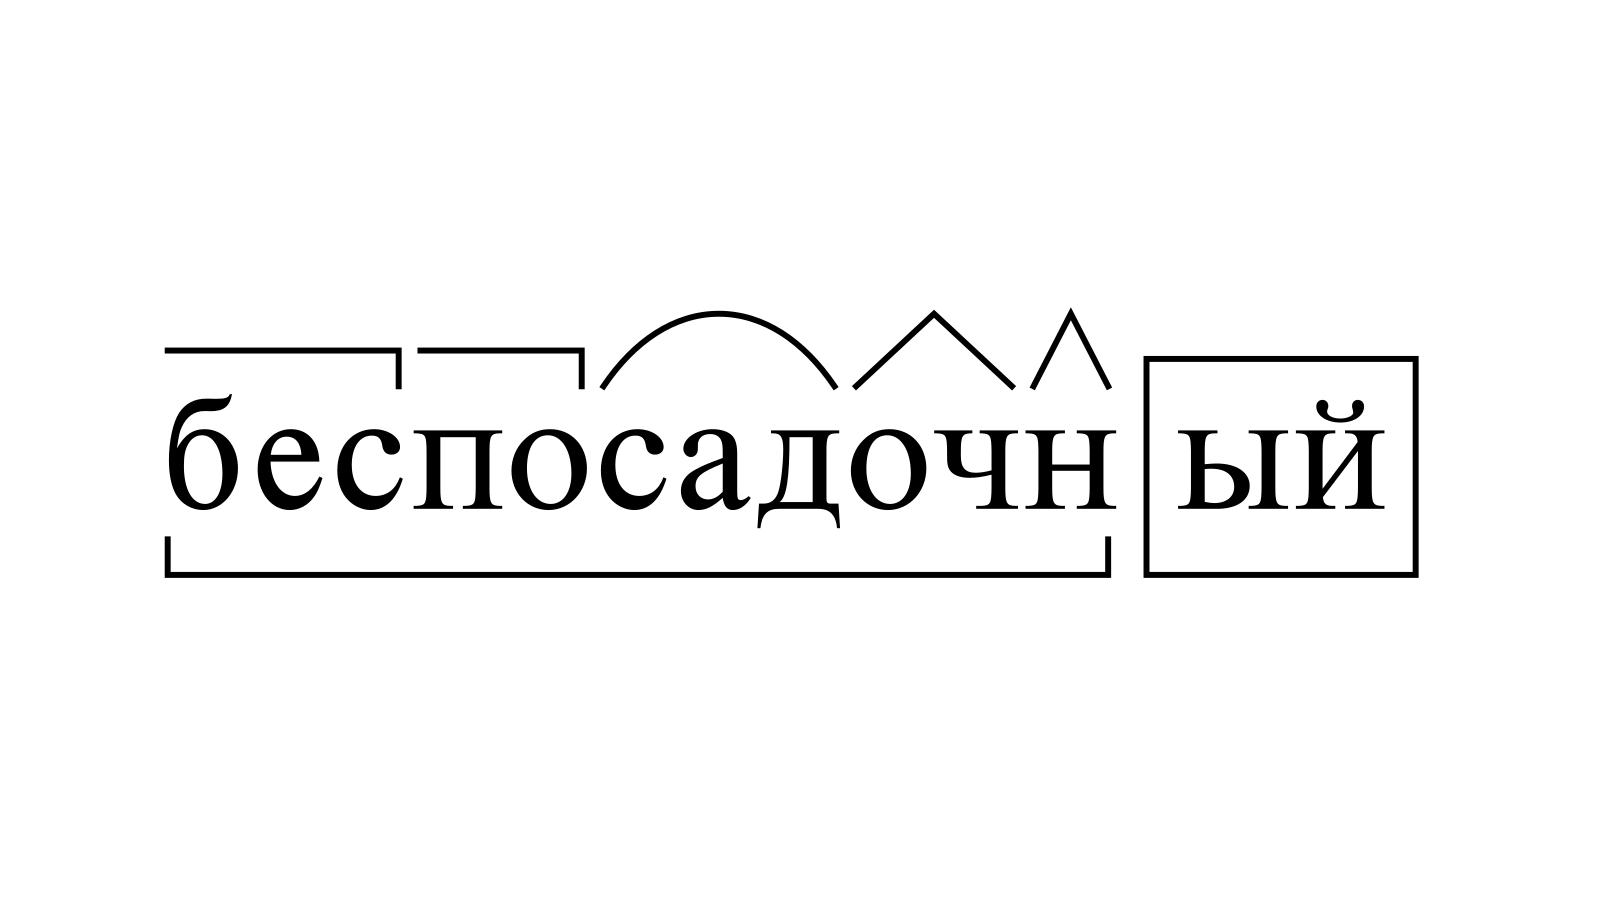 Разбор слова «беспосадочный» по составу